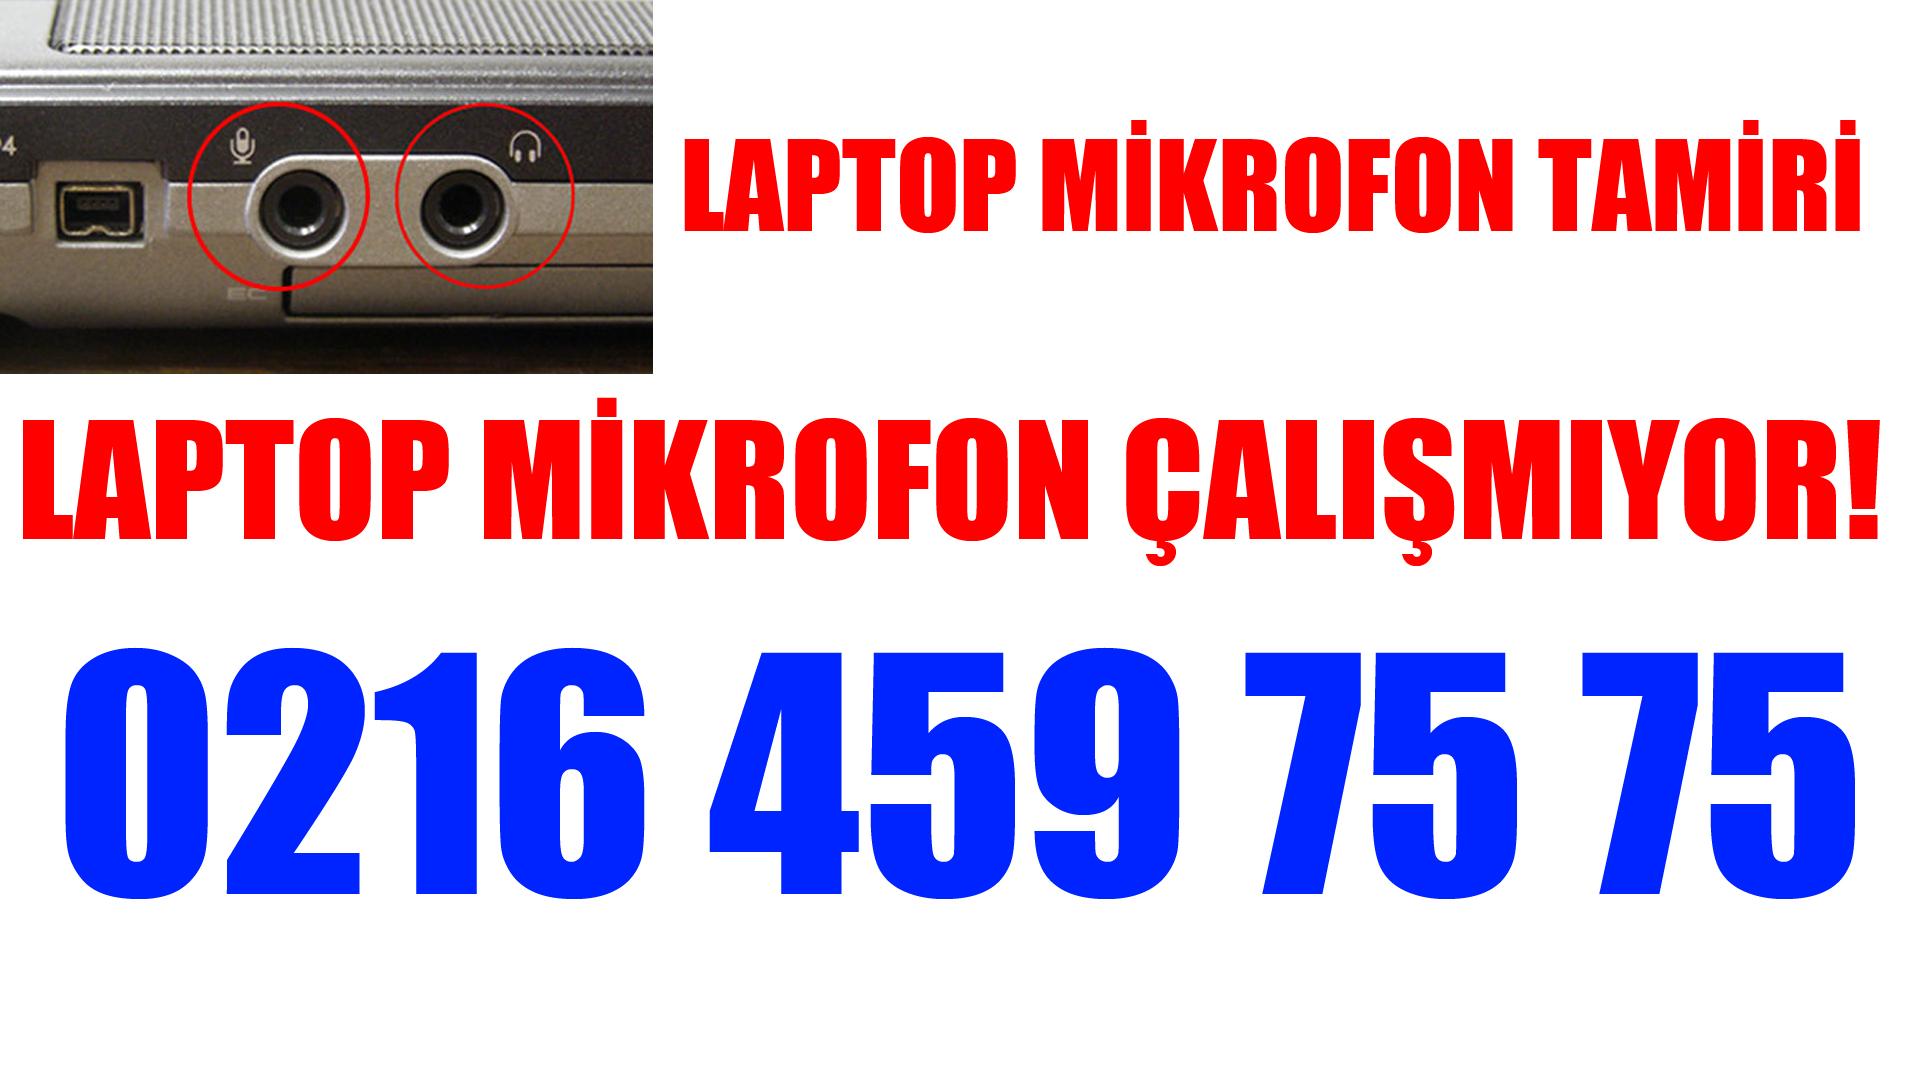 Acer Laptop Mikrofon Çalışmıyor? Sorunu Çözümü!!